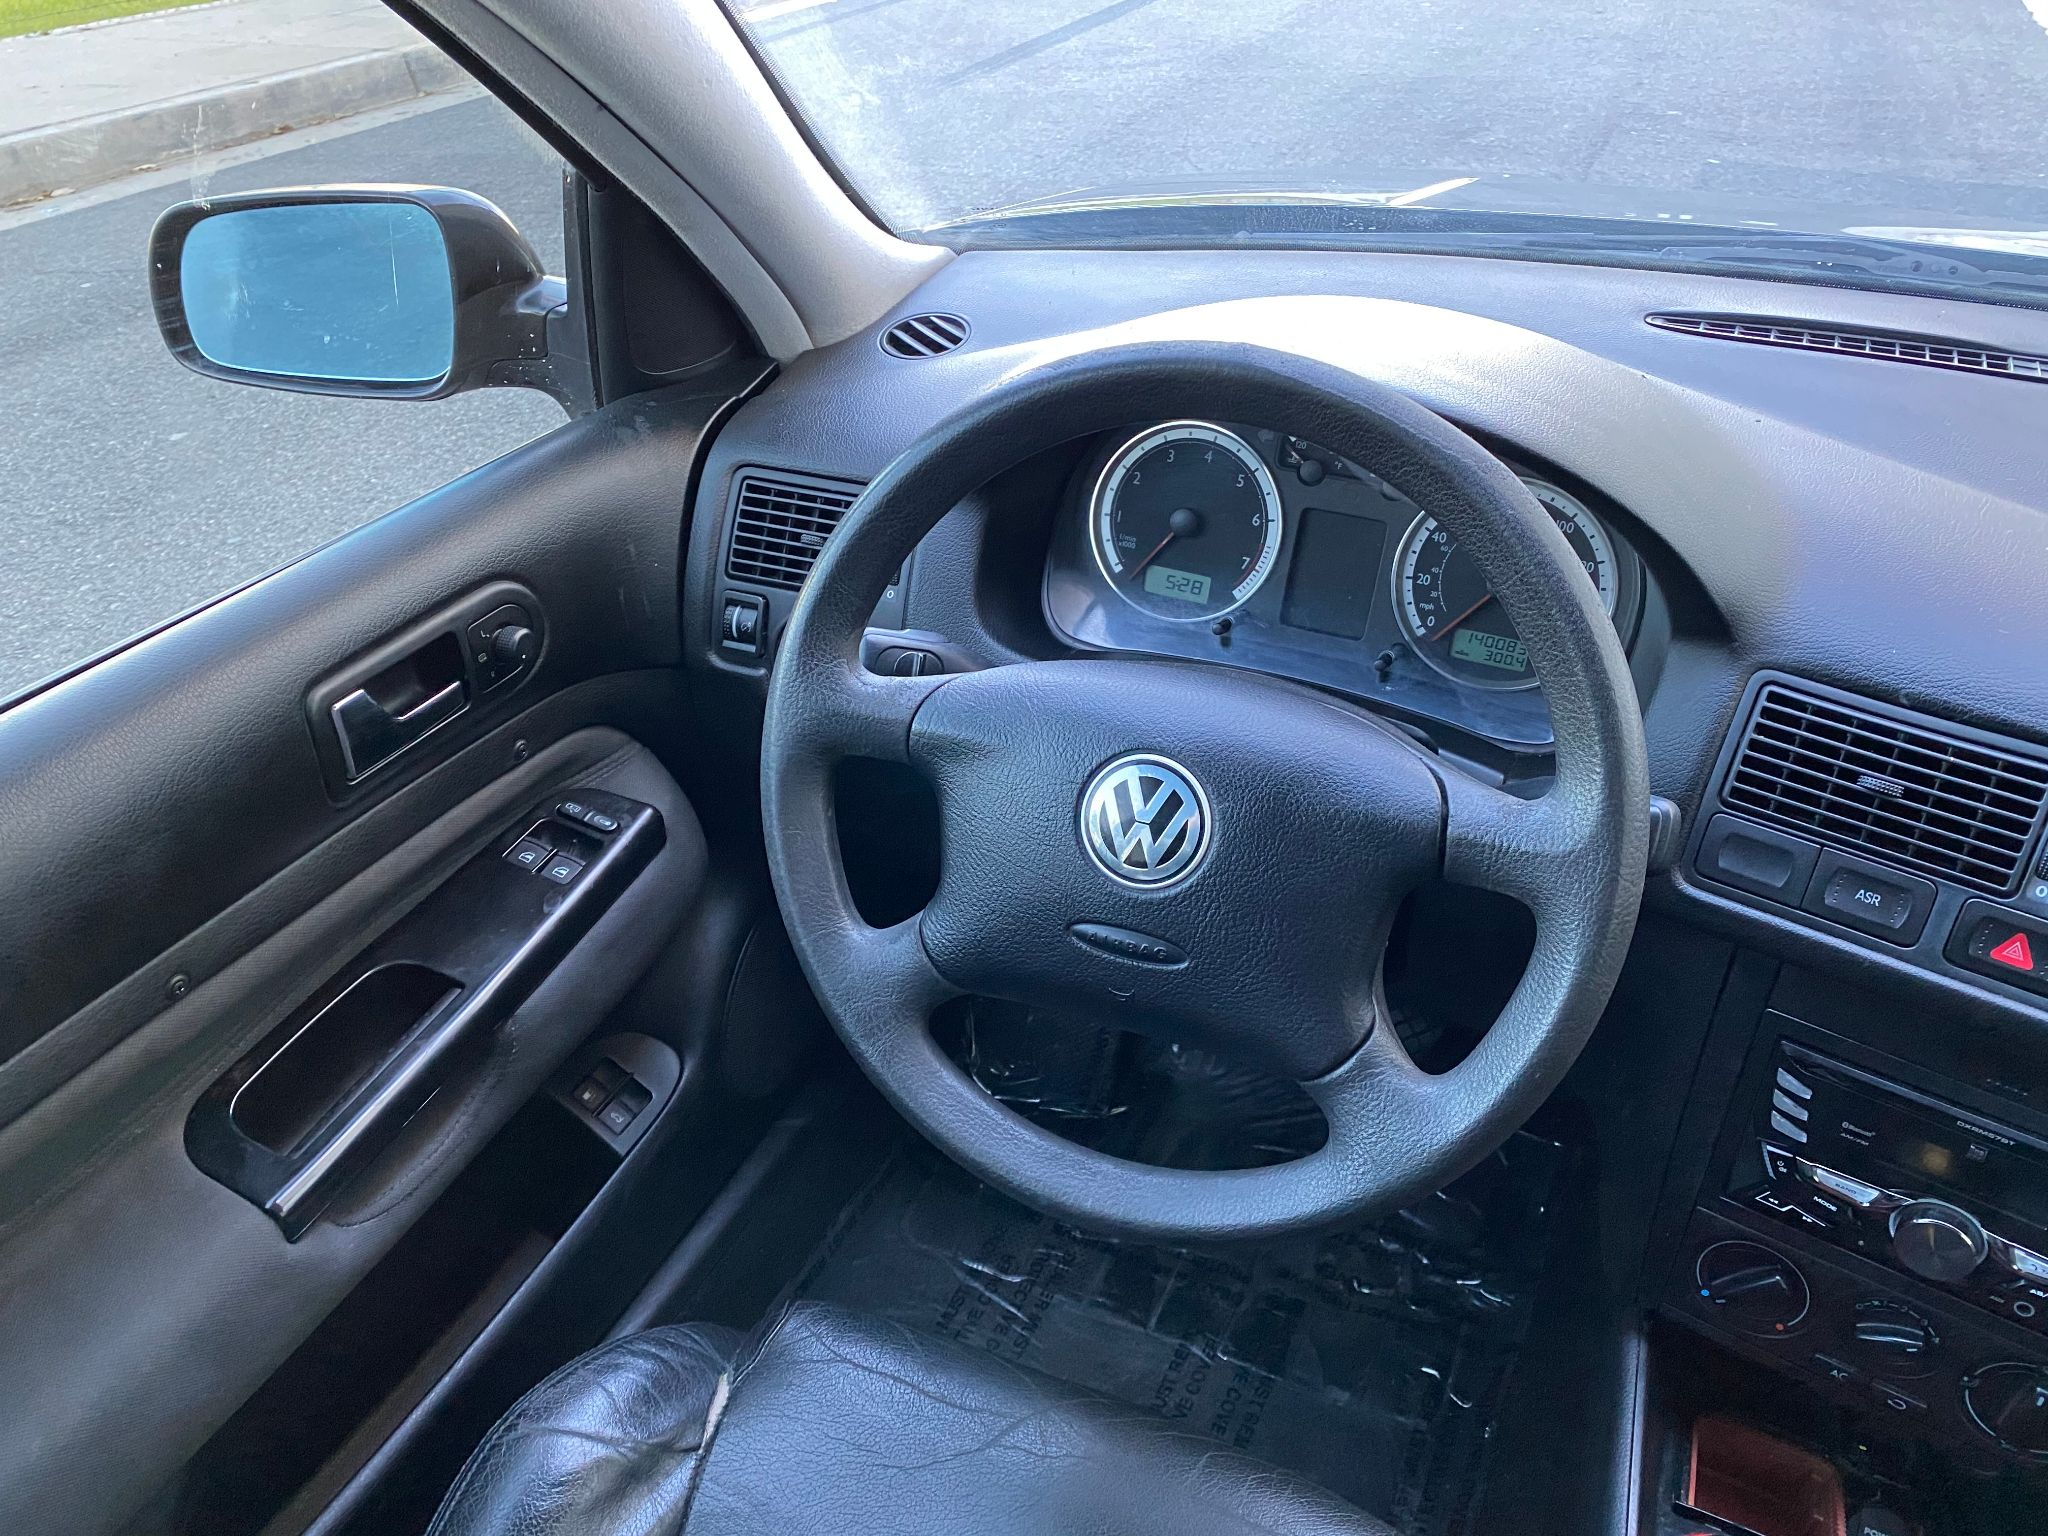 2002 Volkswagen GTI 1.8 TURBO